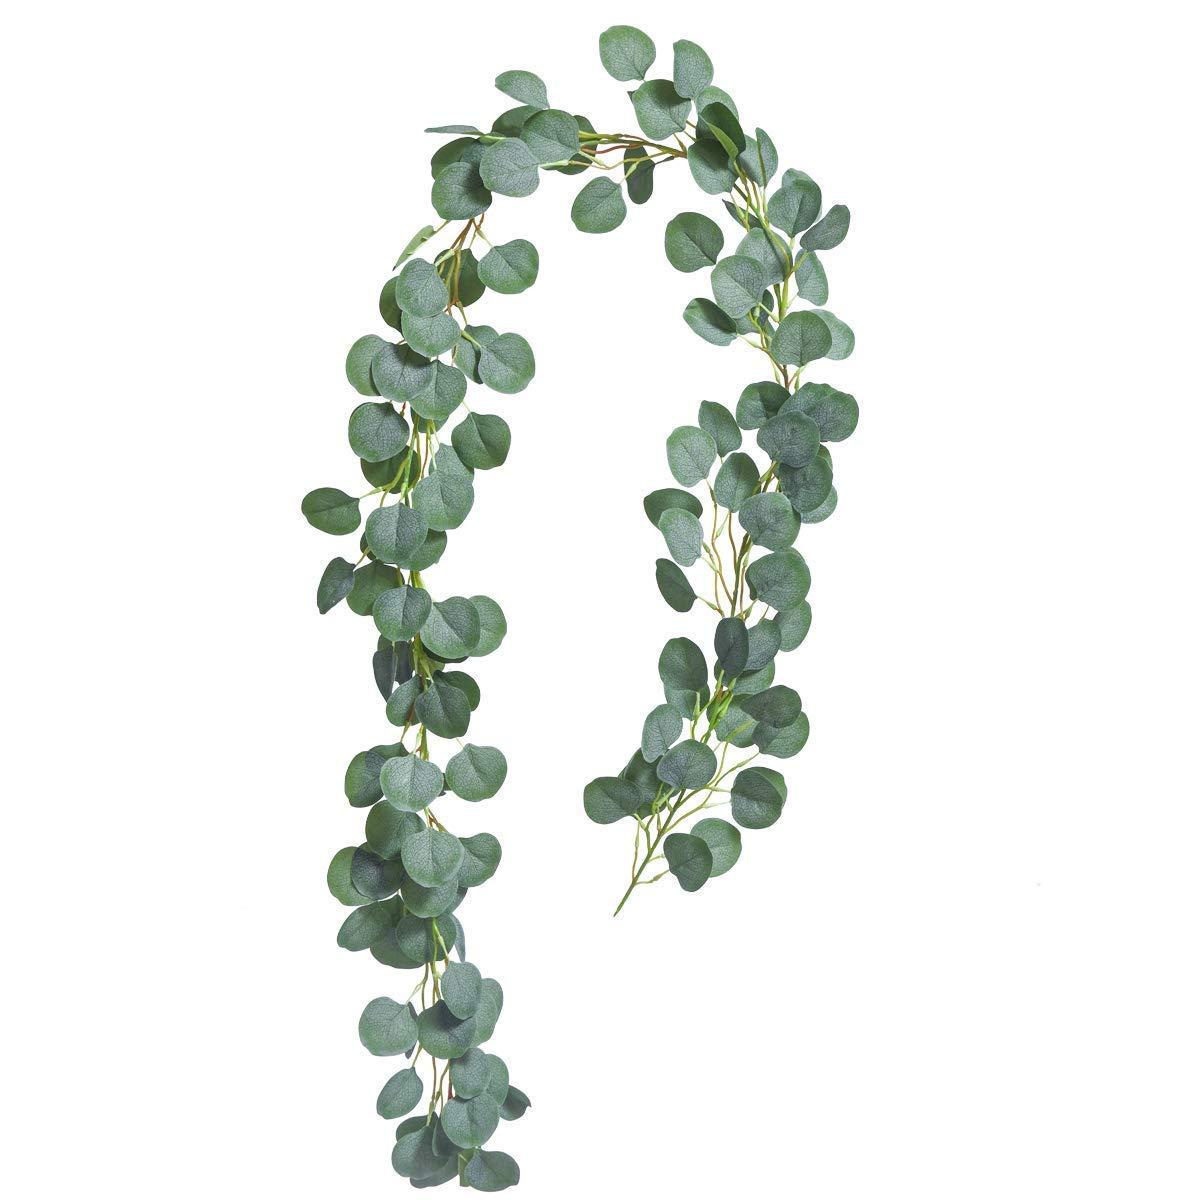 Guirnalda de eucalipto Artificial de Seda sint/ética para decoraci/ón de Pared Ksnrang